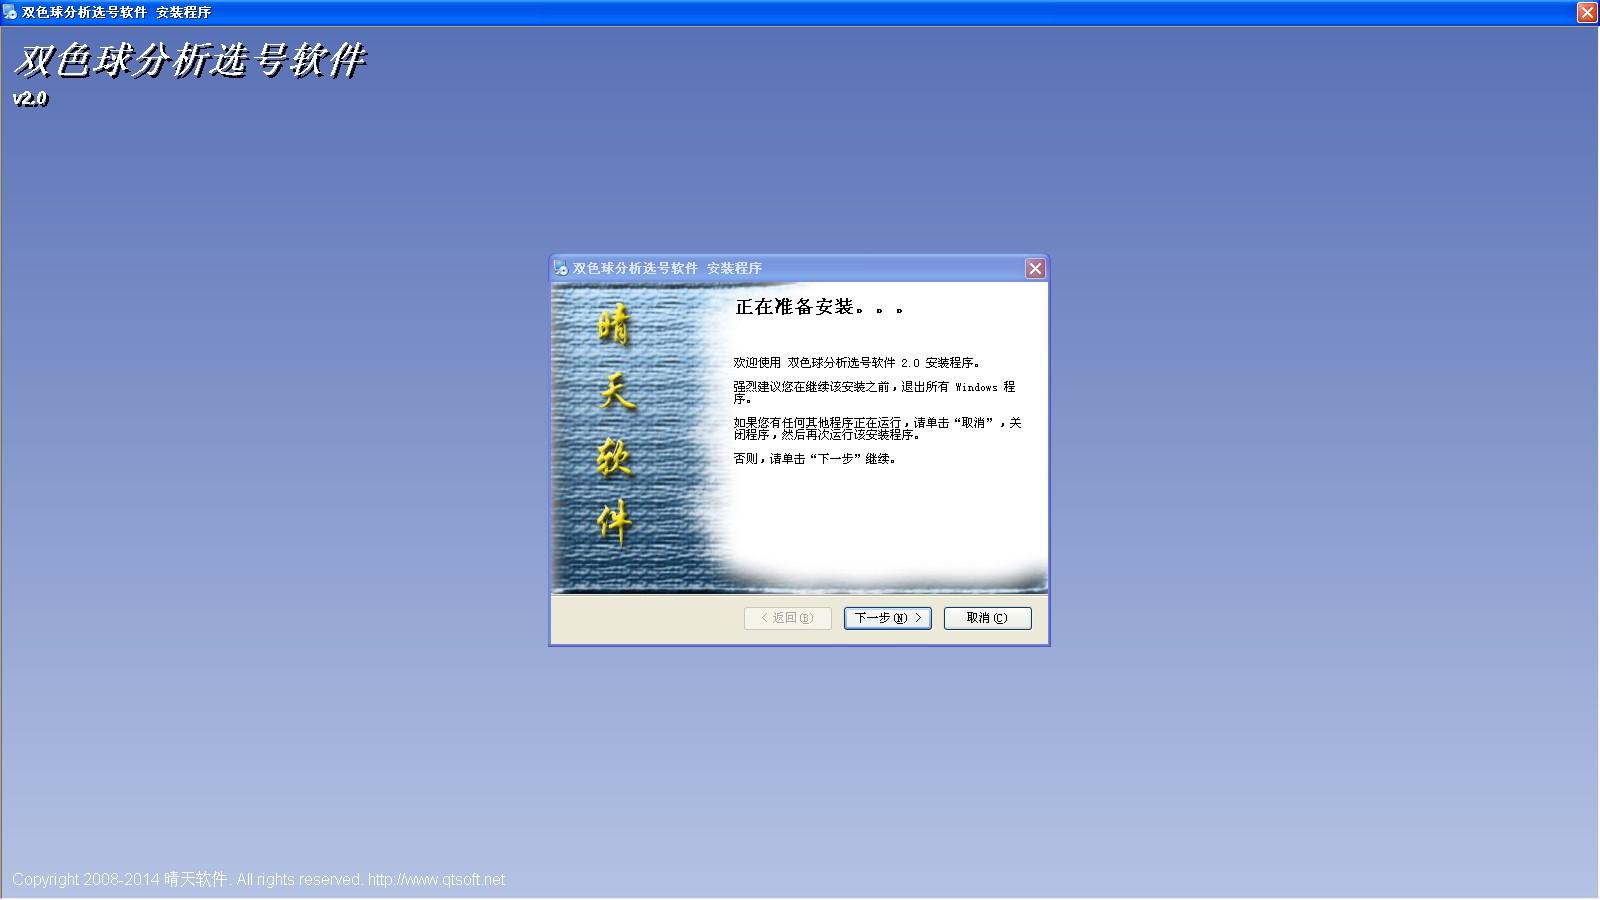 双色球分析选号软件V2.0截图1